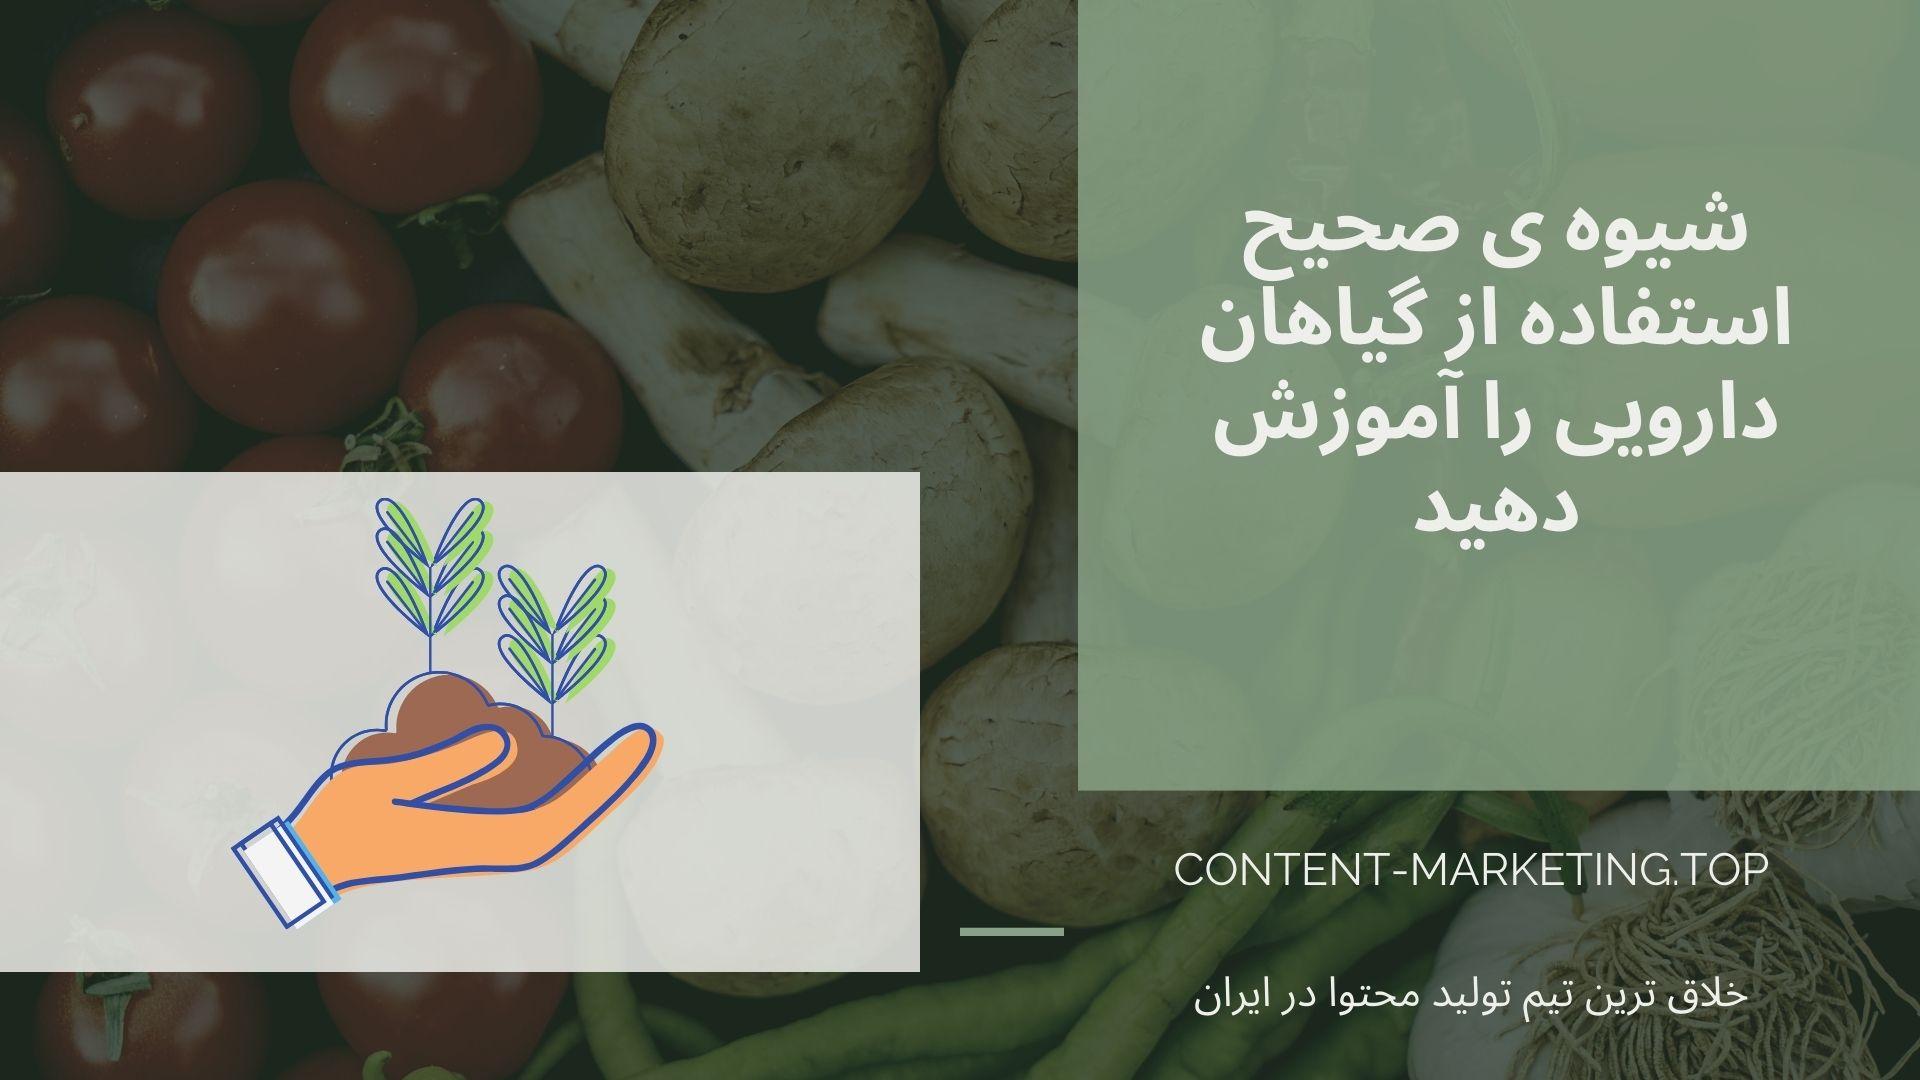 شیوه ی صحیح استفاده از گیاهان دارویی را آموزش دهید